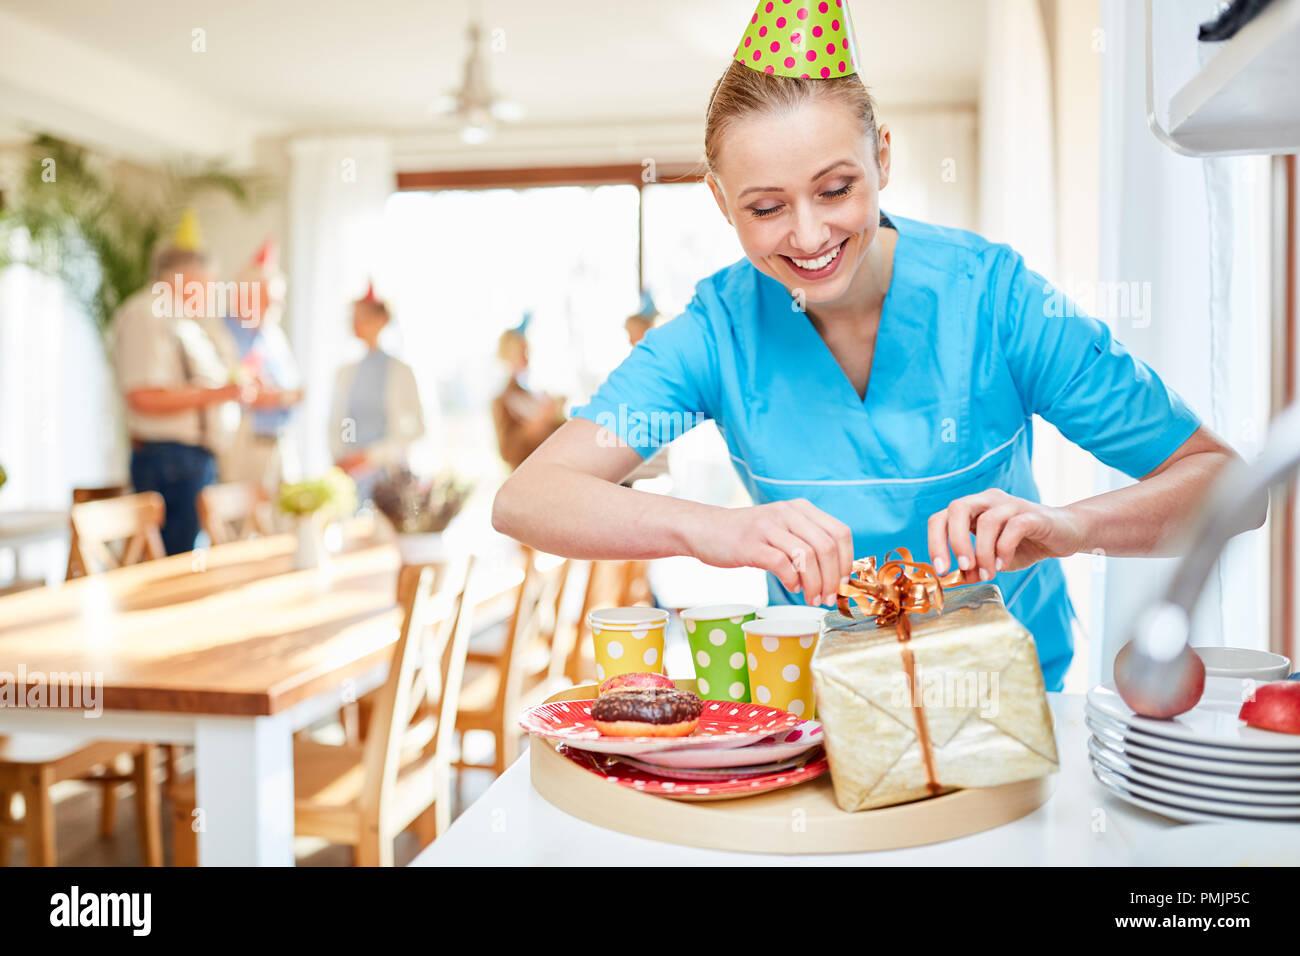 Soignant un sourire packs présents sur un anniversaire à la maison de retraite Photo Stock